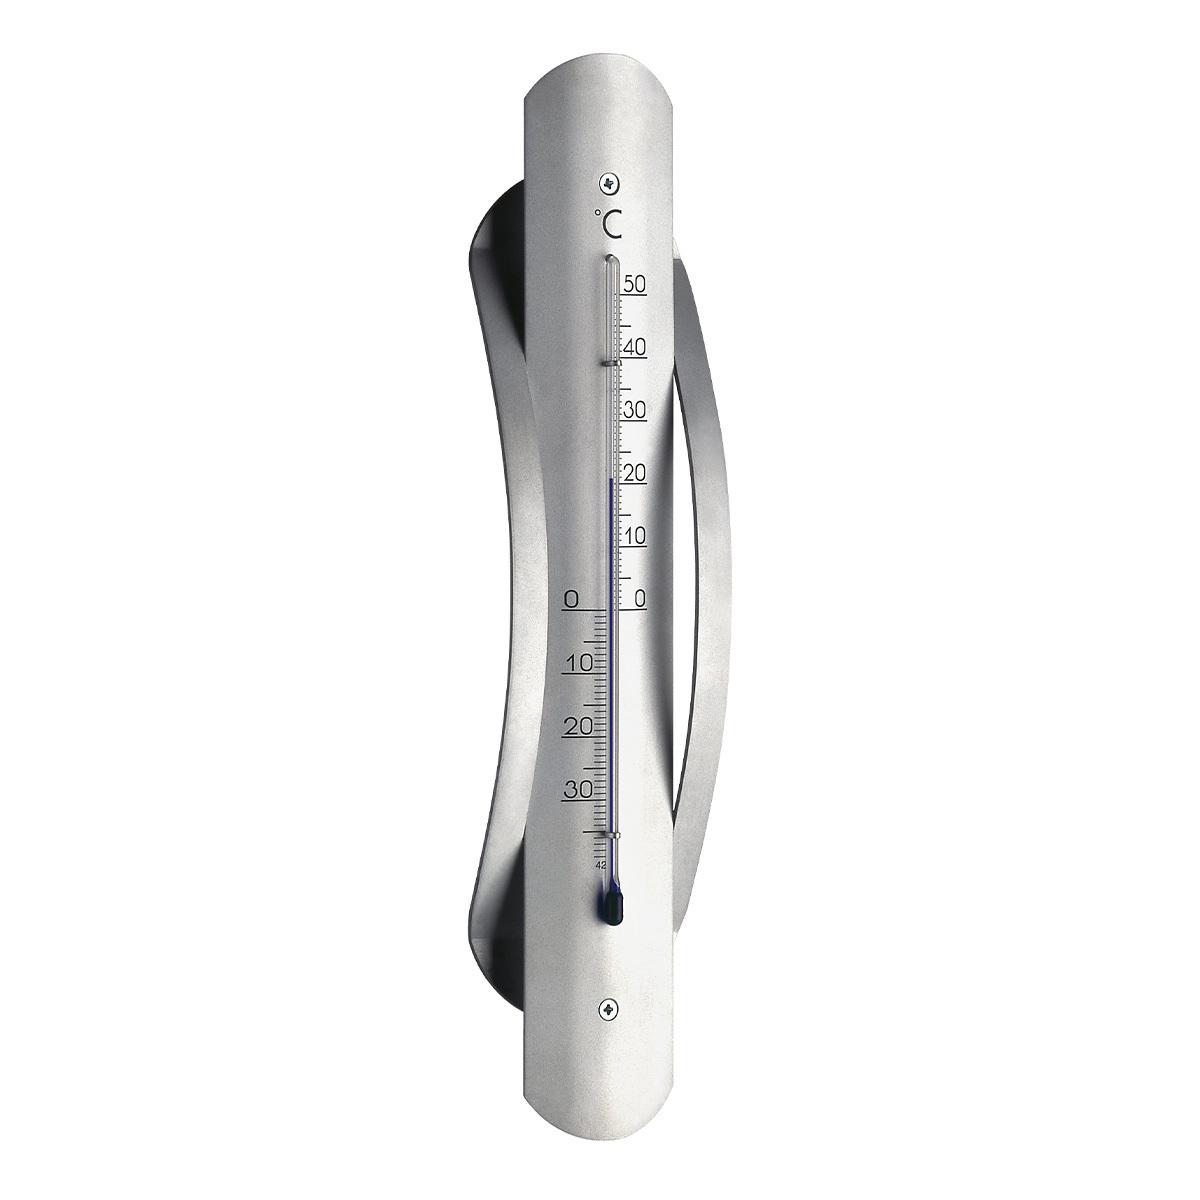 12-2044-innen-aussen-thermometer-aluminium-1200x1200px.jpg